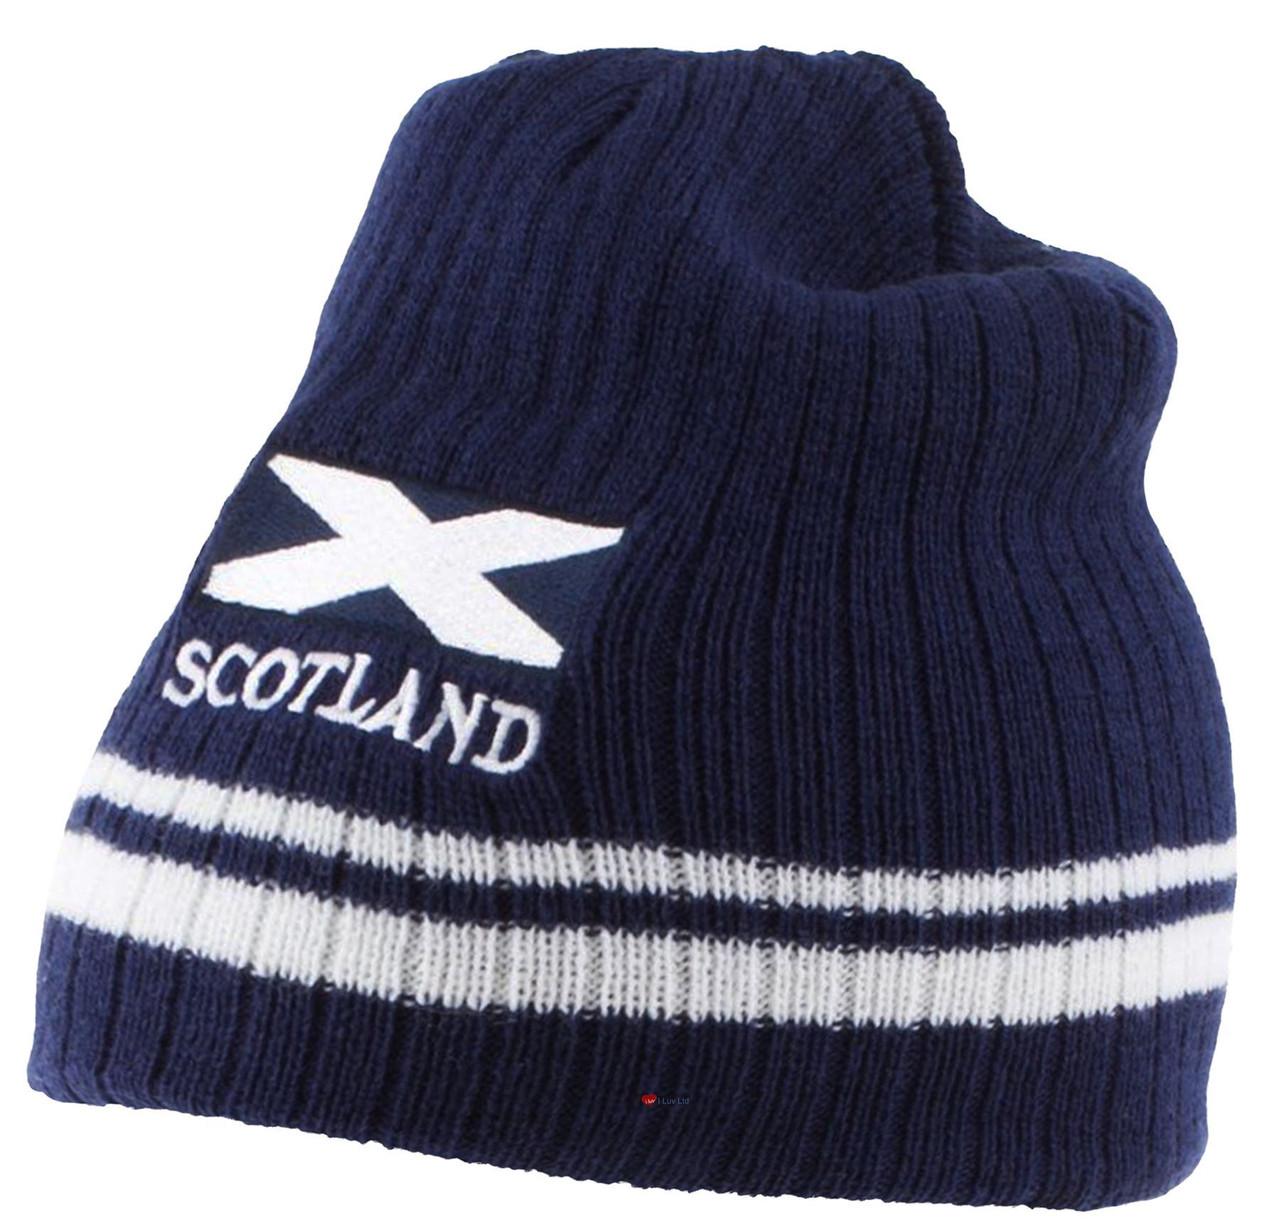 b5bc2d43842 Saltire Flag Scotland Ribbed Beanie Winter Ski Hat Striped Navy White  Scottish Gift